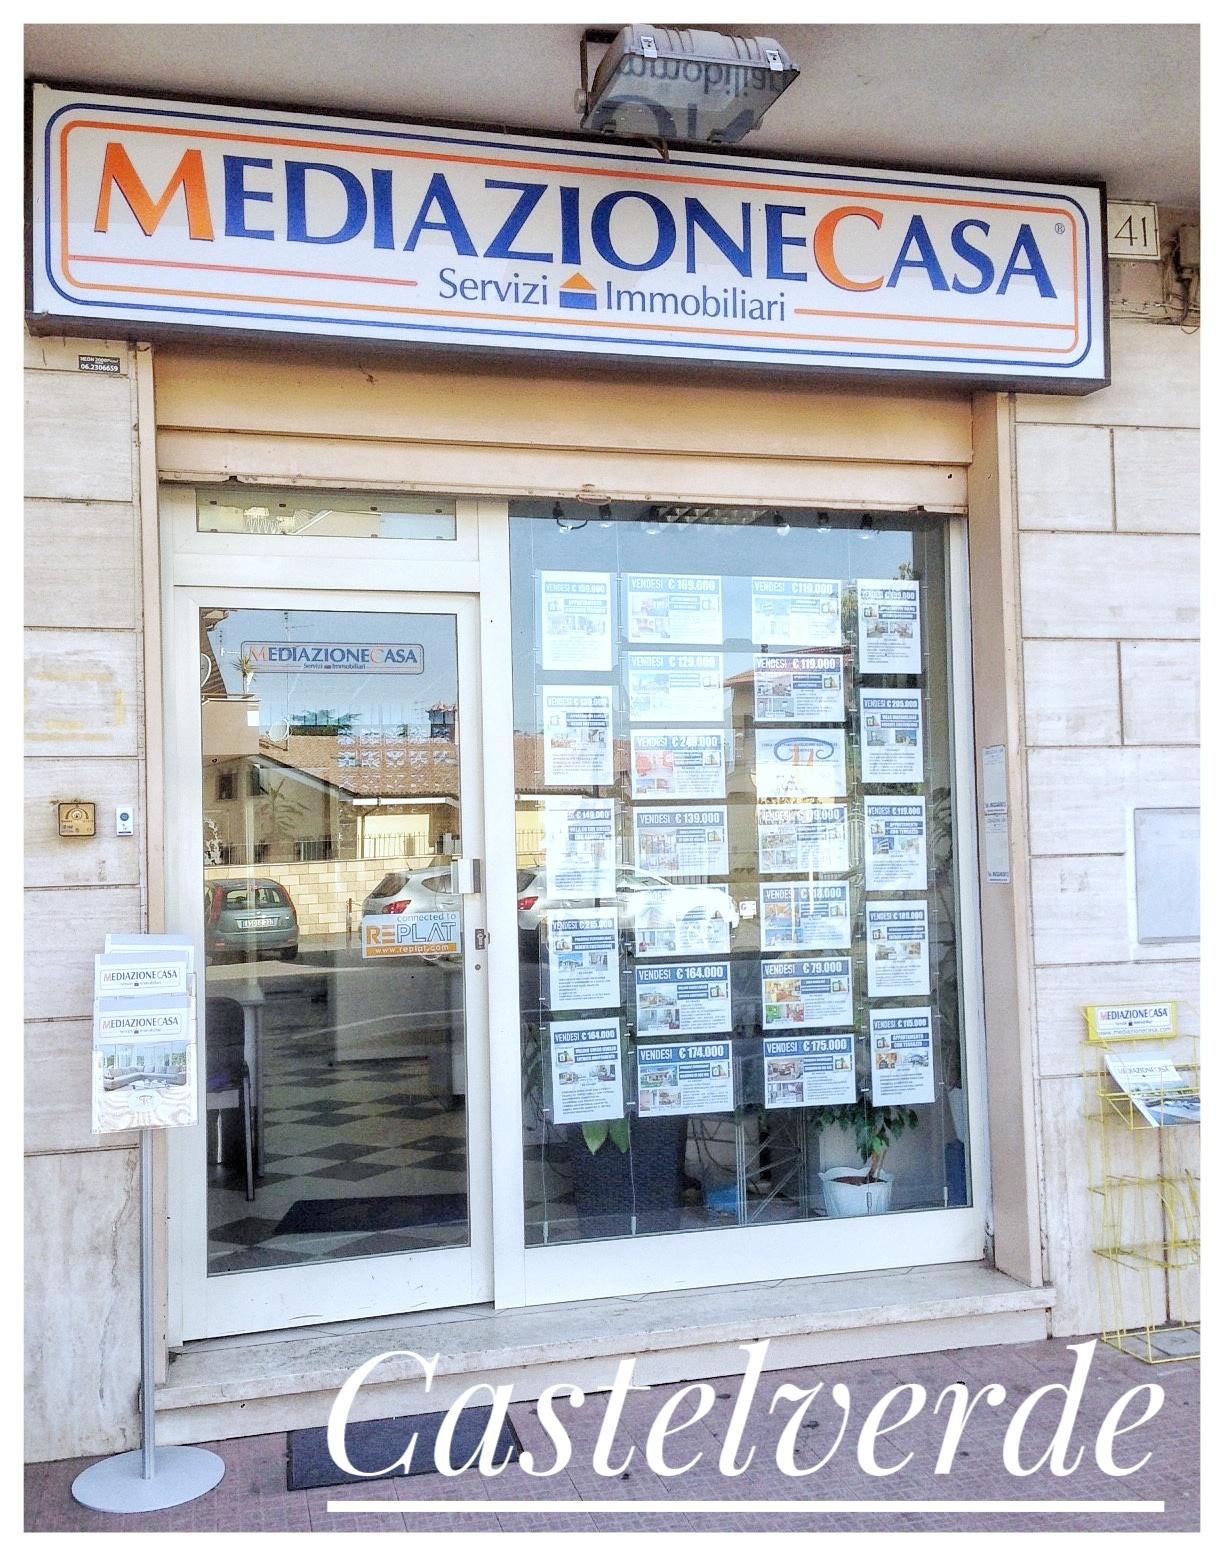 Le agenzie immobiliari del gruppo mediazionecasa - Agenzie immobiliari bruxelles ...